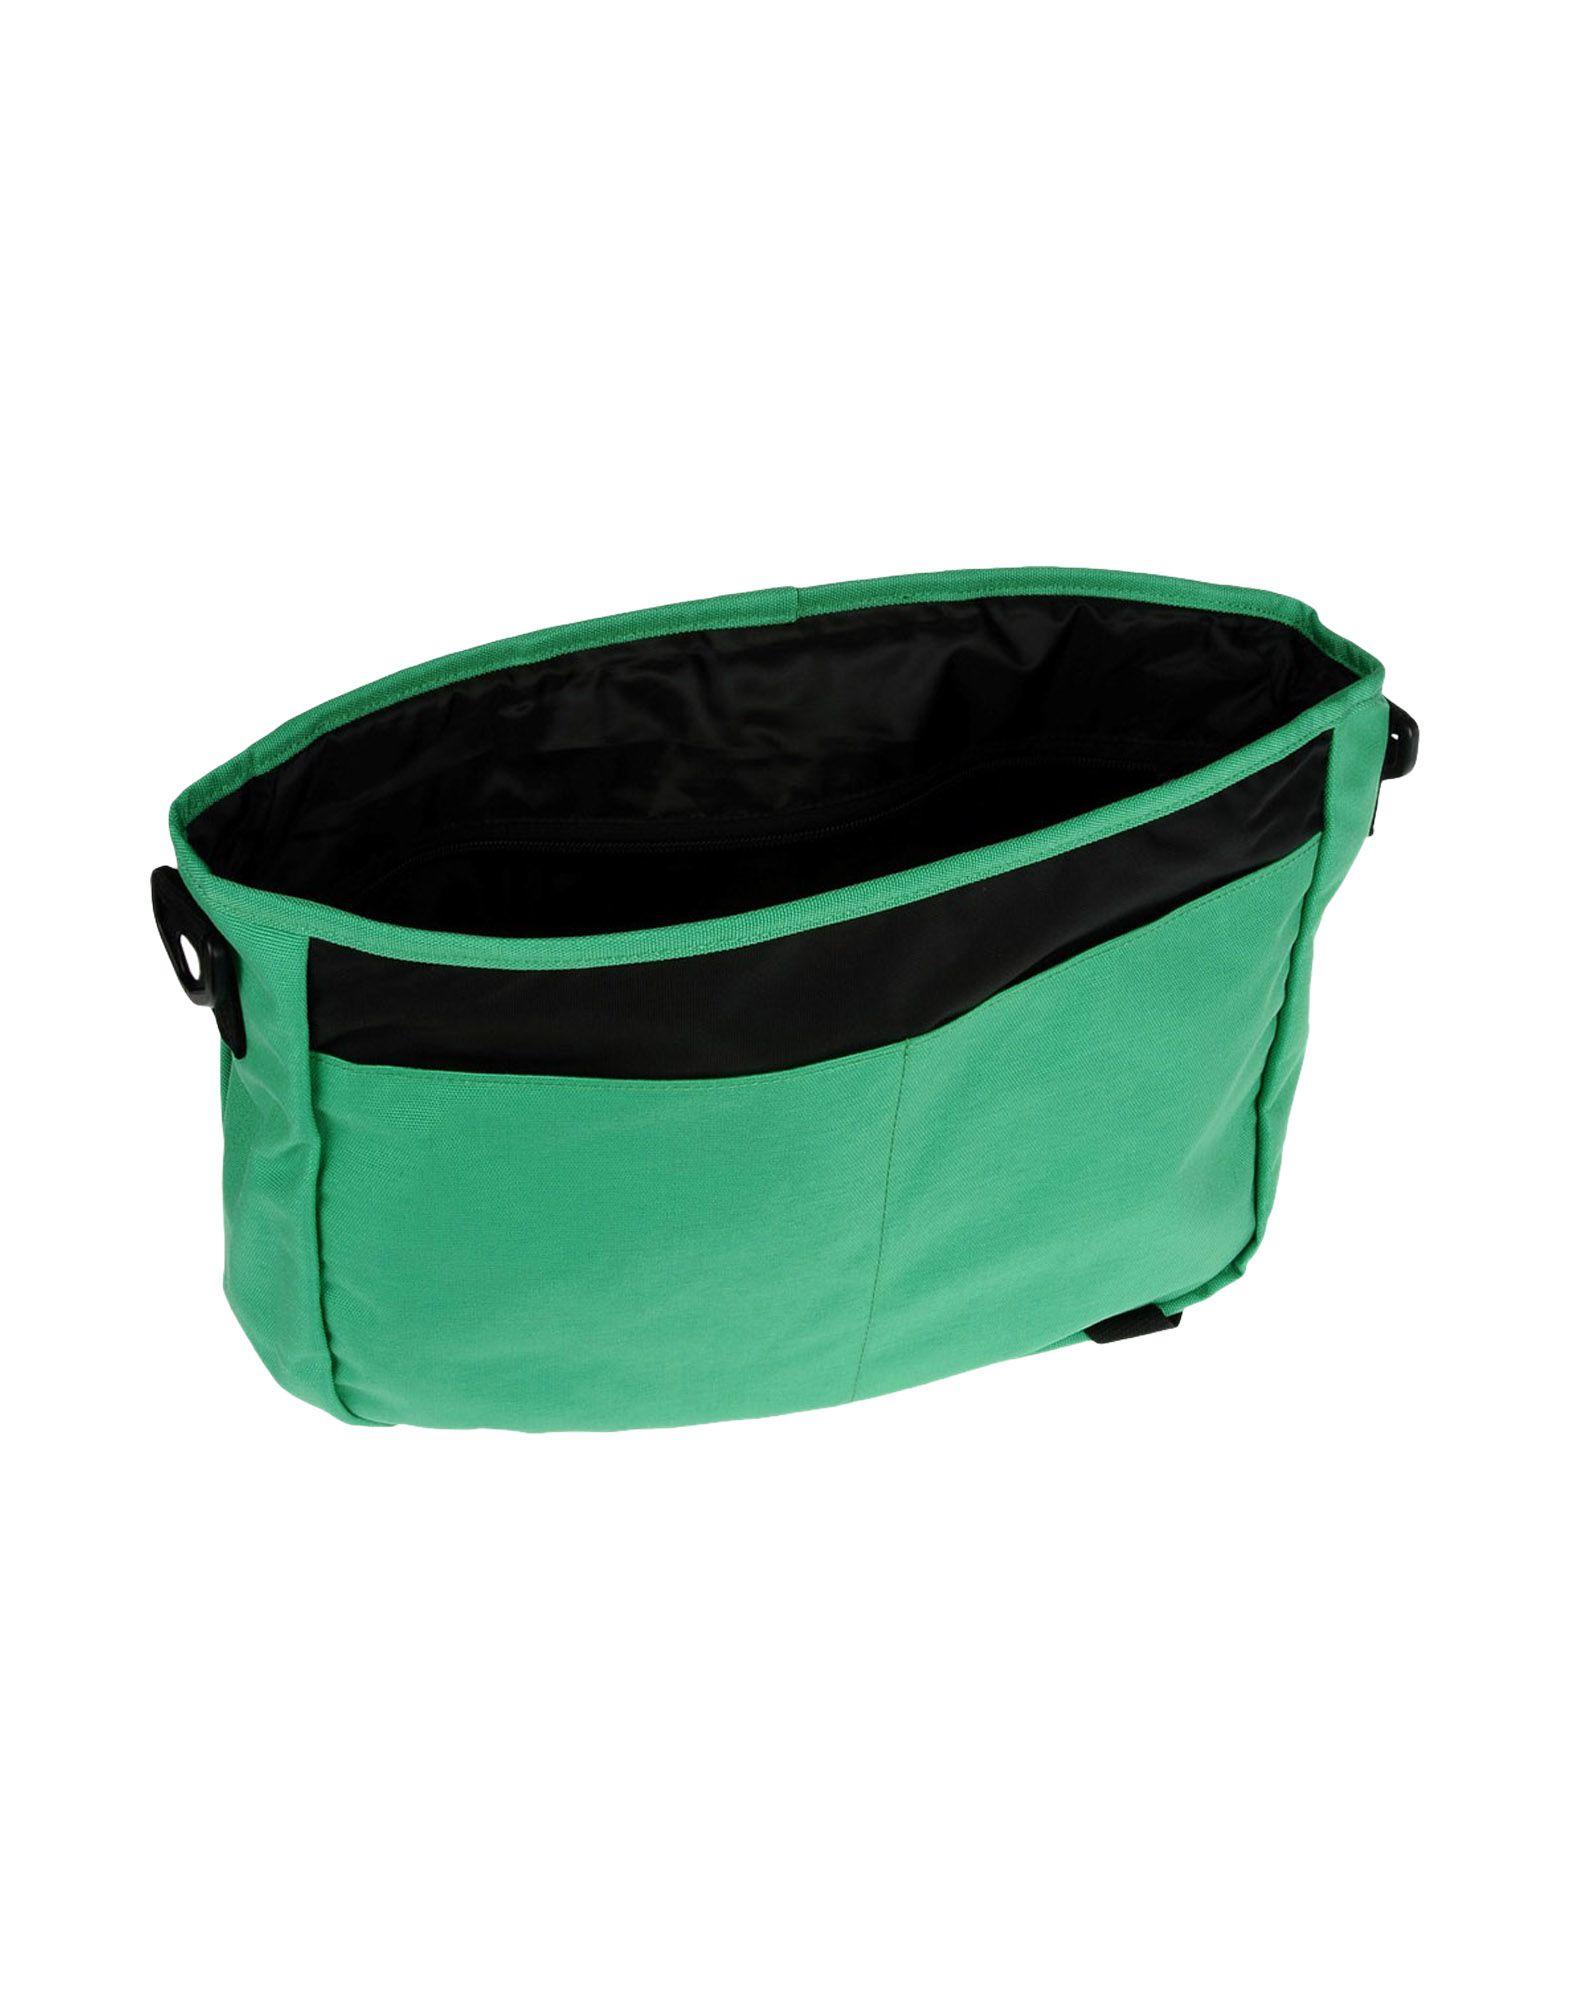 Eastpak Cross-body Bag in Green for Men